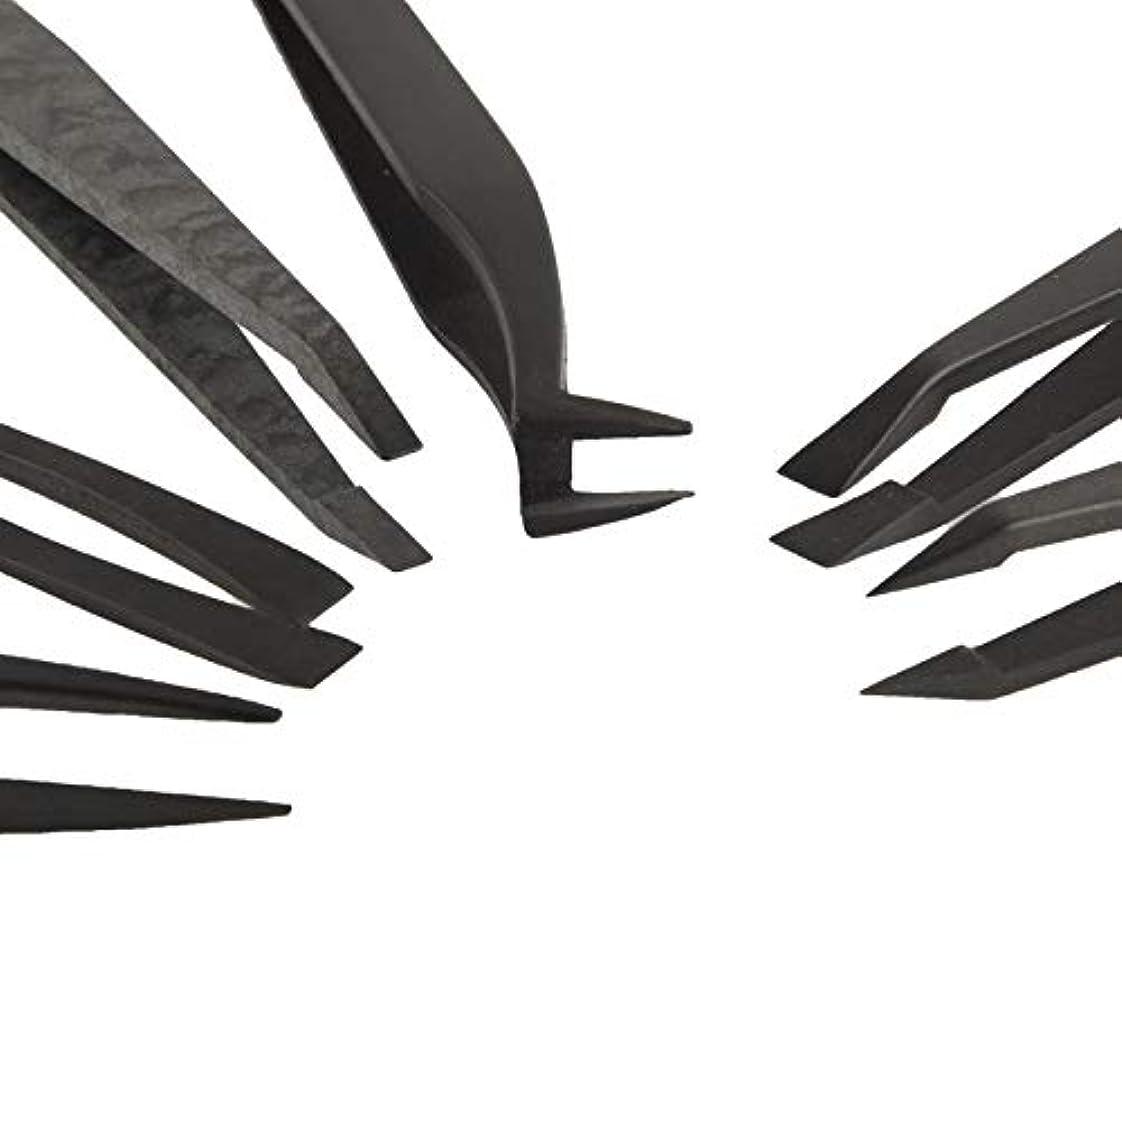 ロッカー細断透過性FHHVN 1本のESD繊維プラスチックピンセットで実用的な6